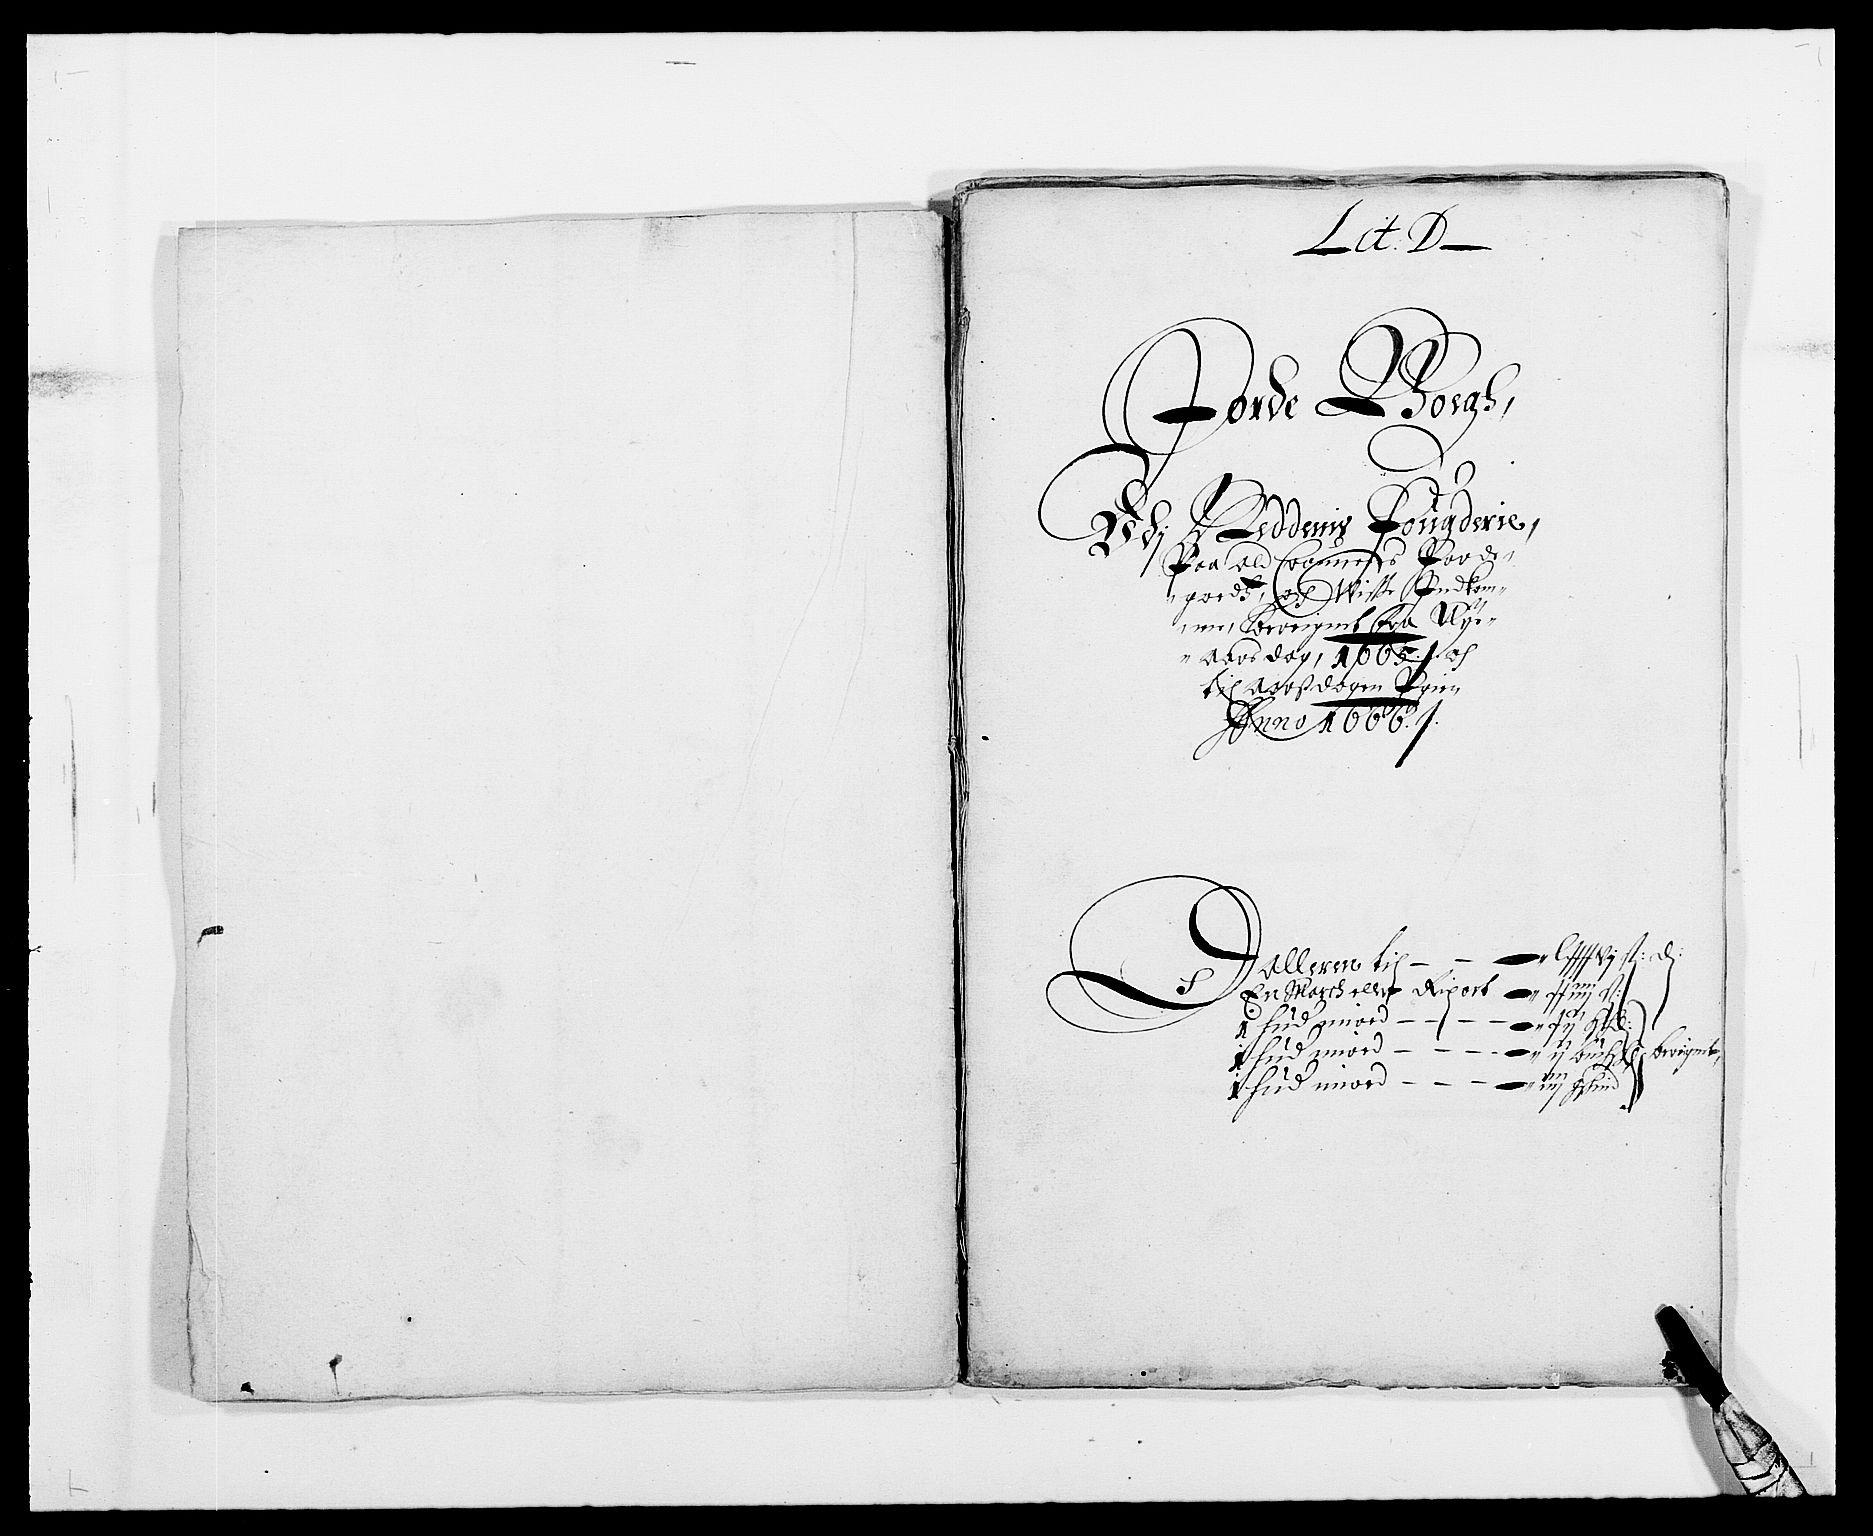 RA, Rentekammeret inntil 1814, Reviderte regnskaper, Fogderegnskap, R39/L2296: Fogderegnskap Nedenes, 1664-1666, s. 45